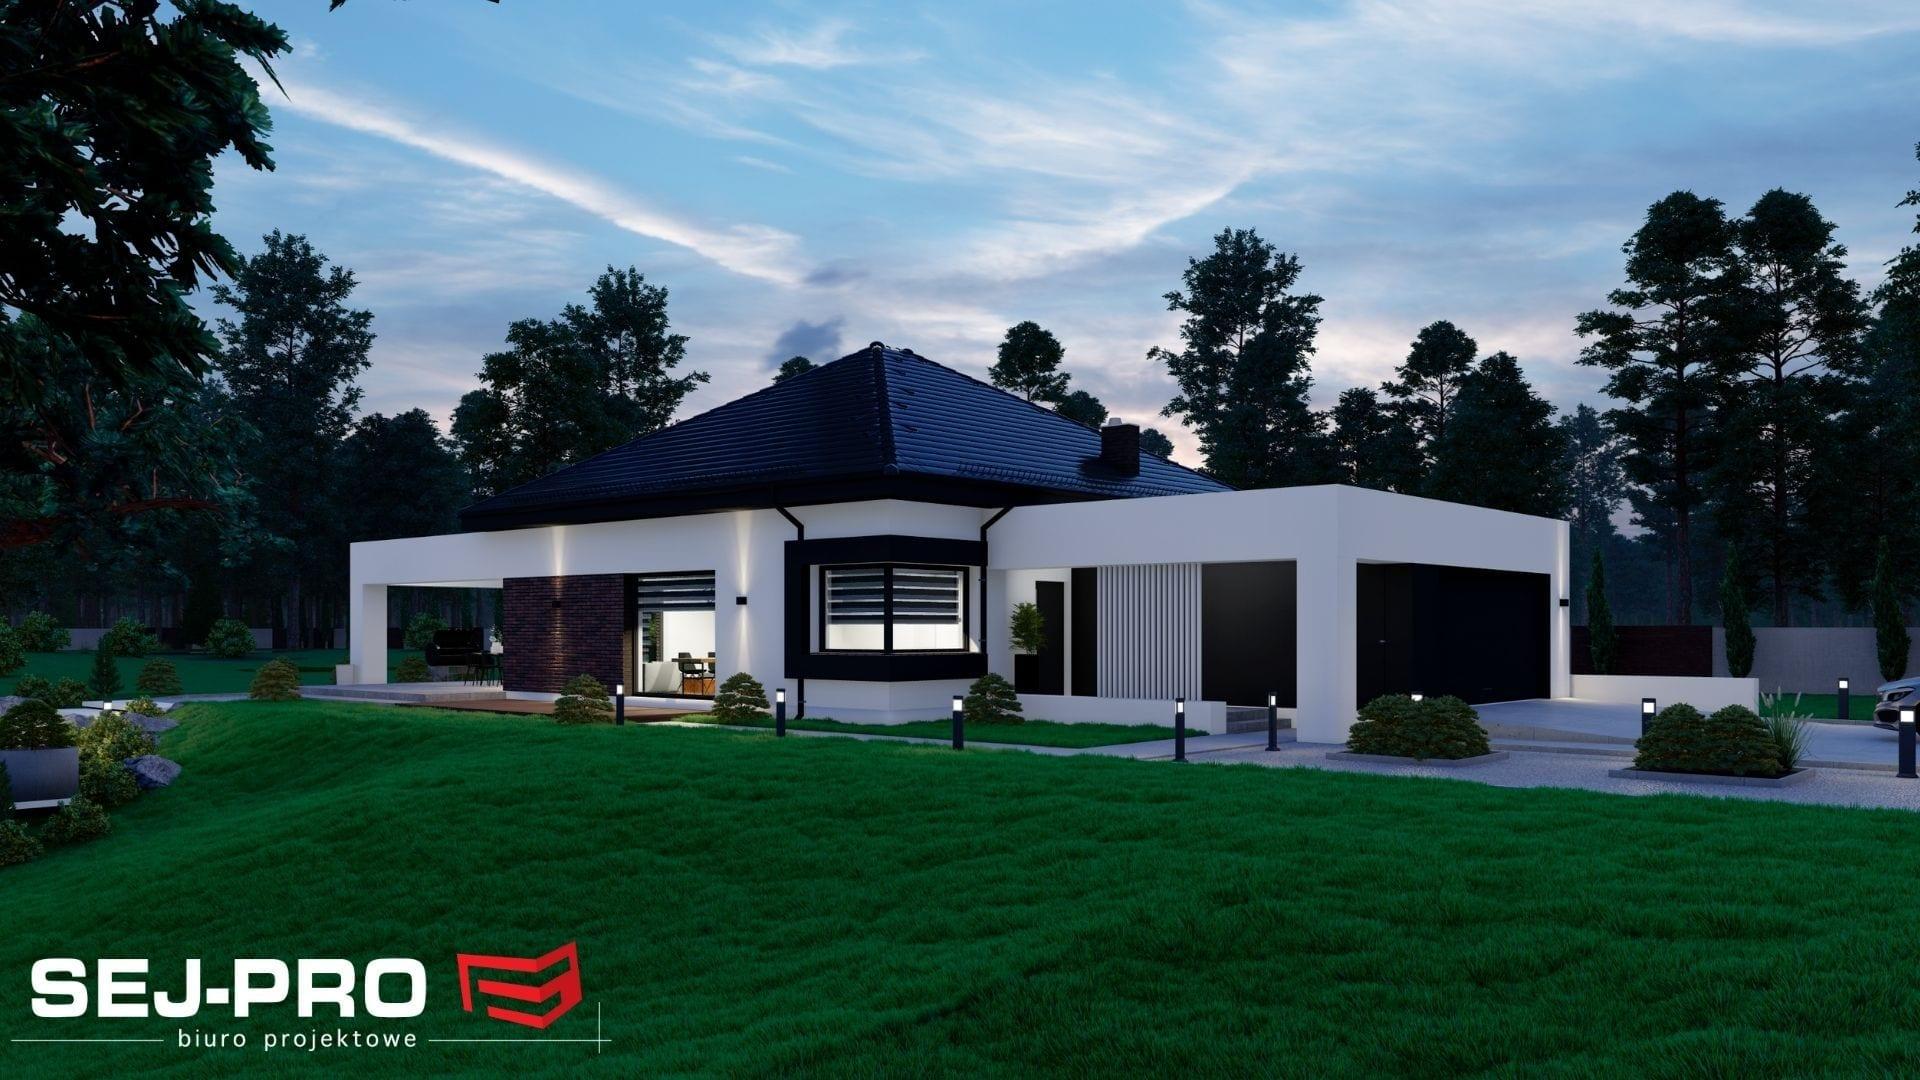 Projekt domu SEJ-PRO 076 ENERGO